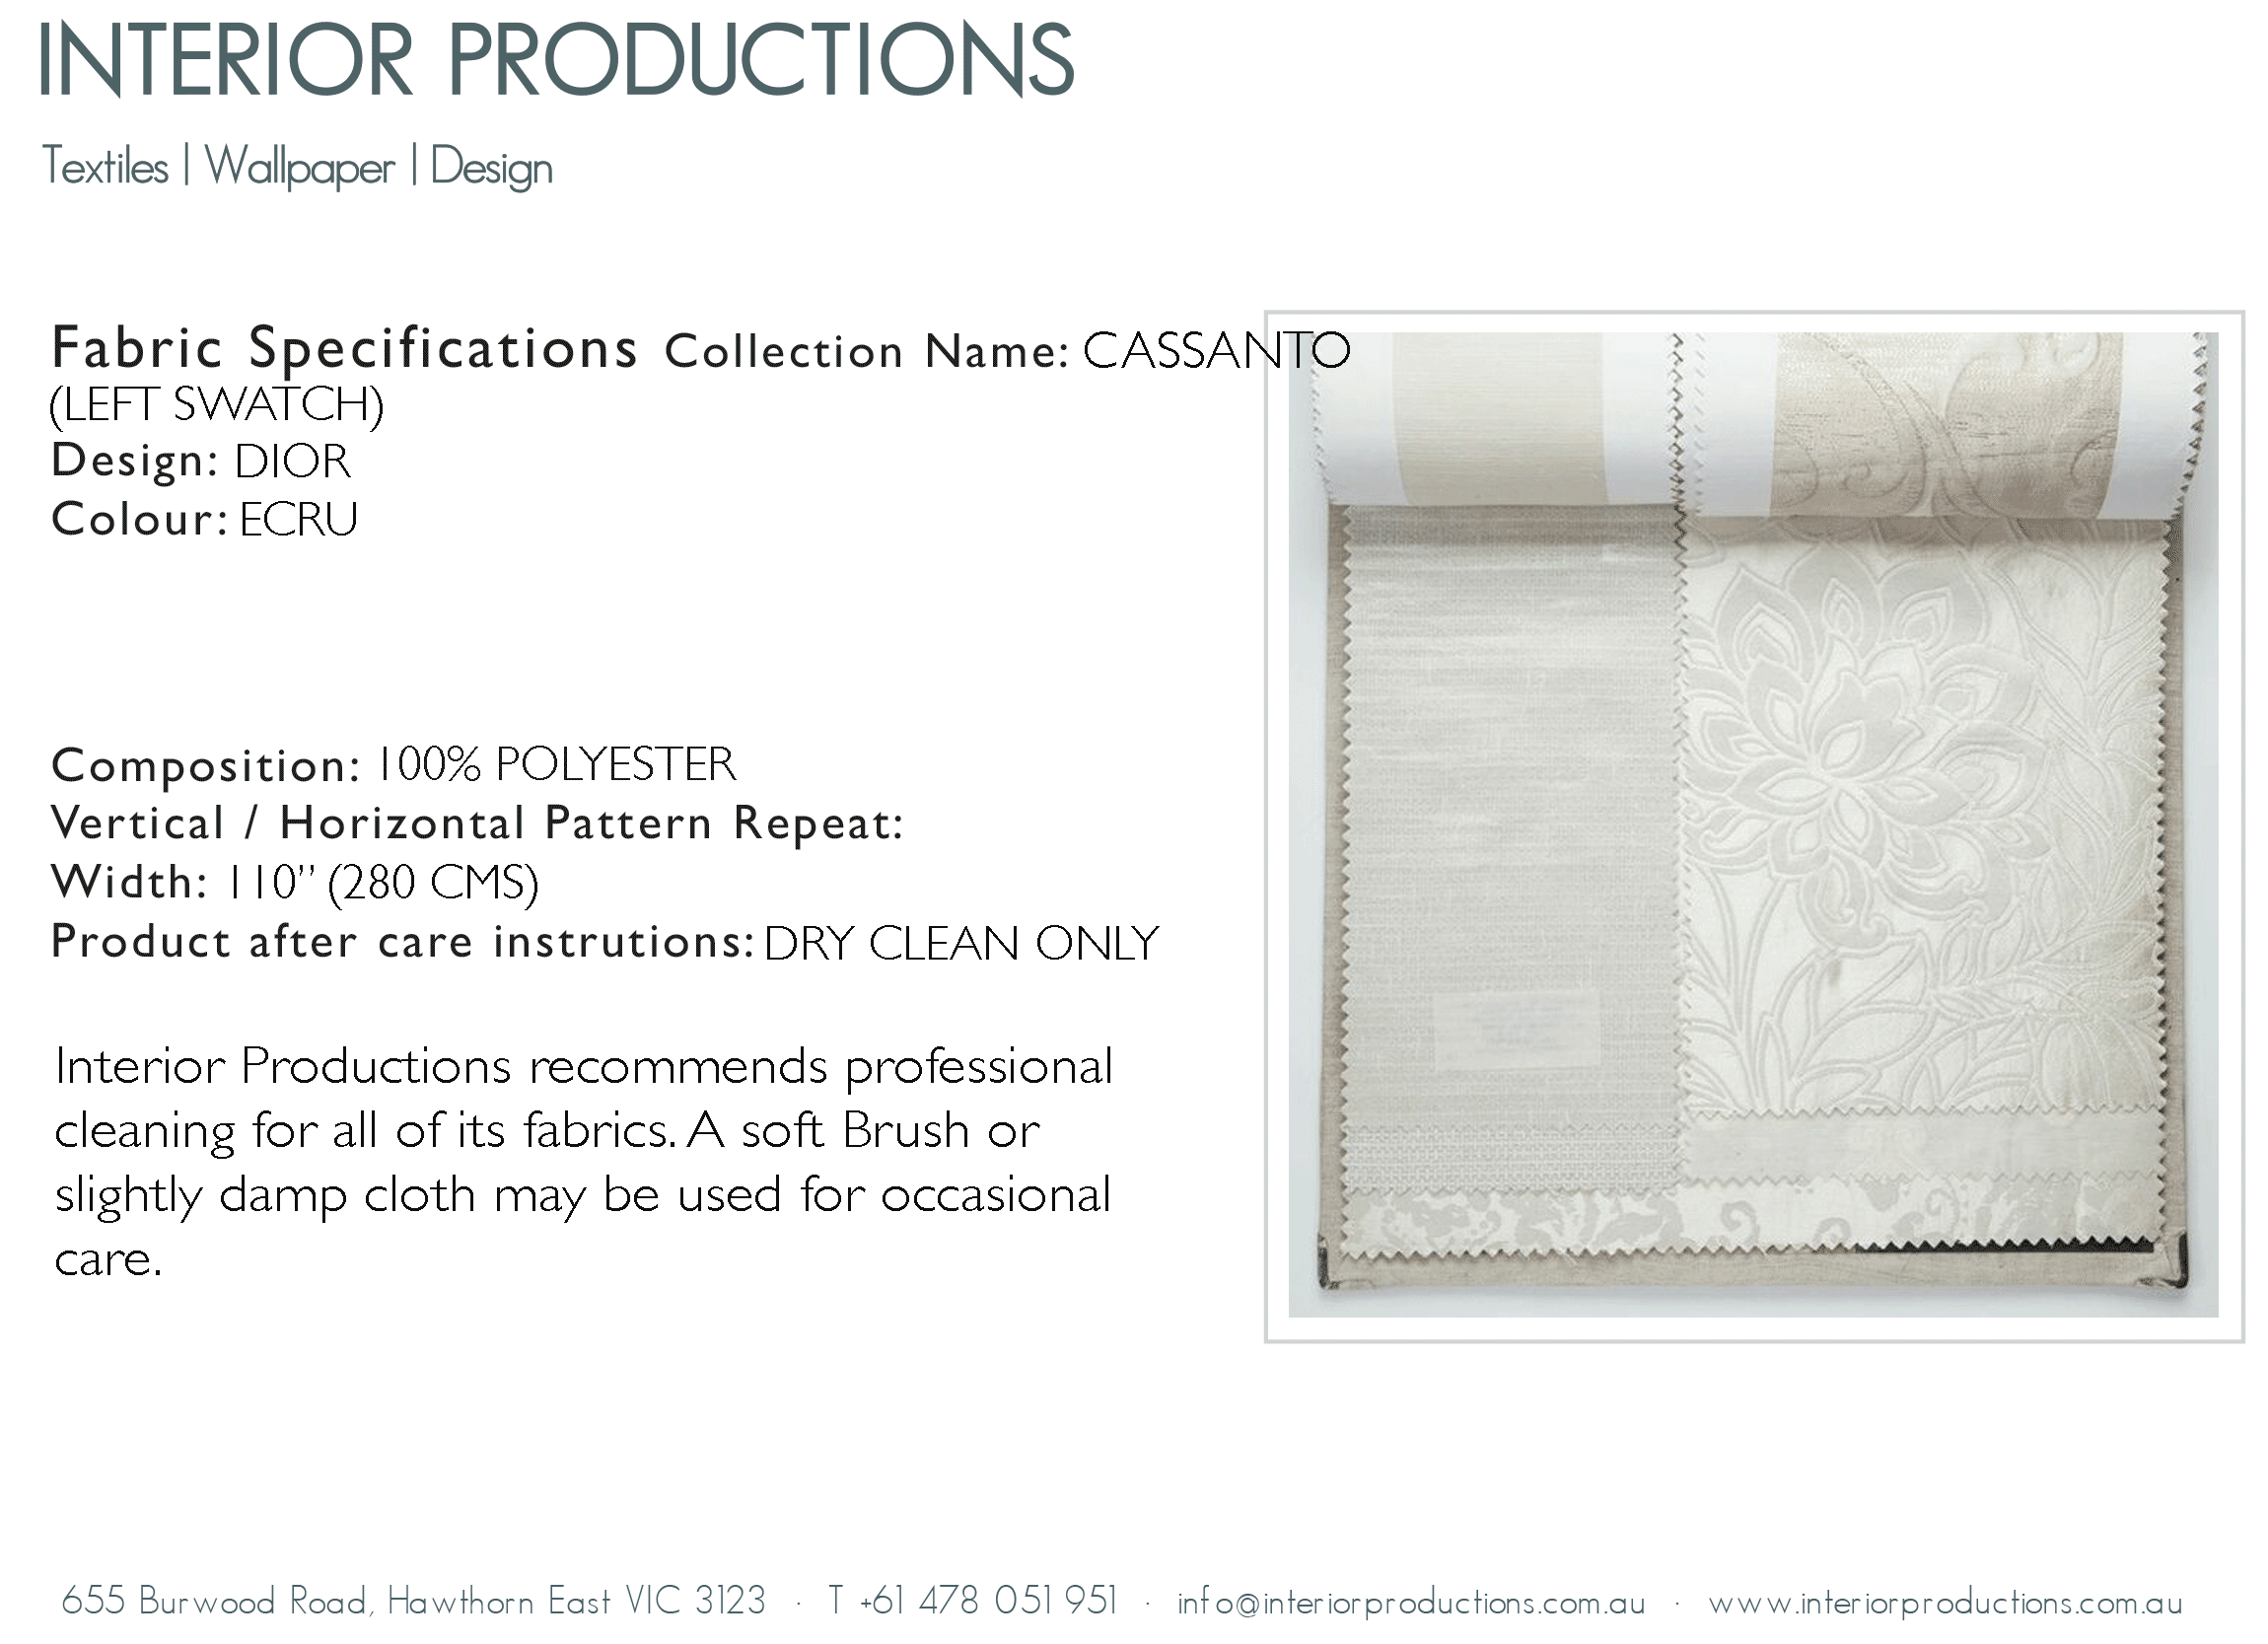 interior_productions_DIOR---ECRU